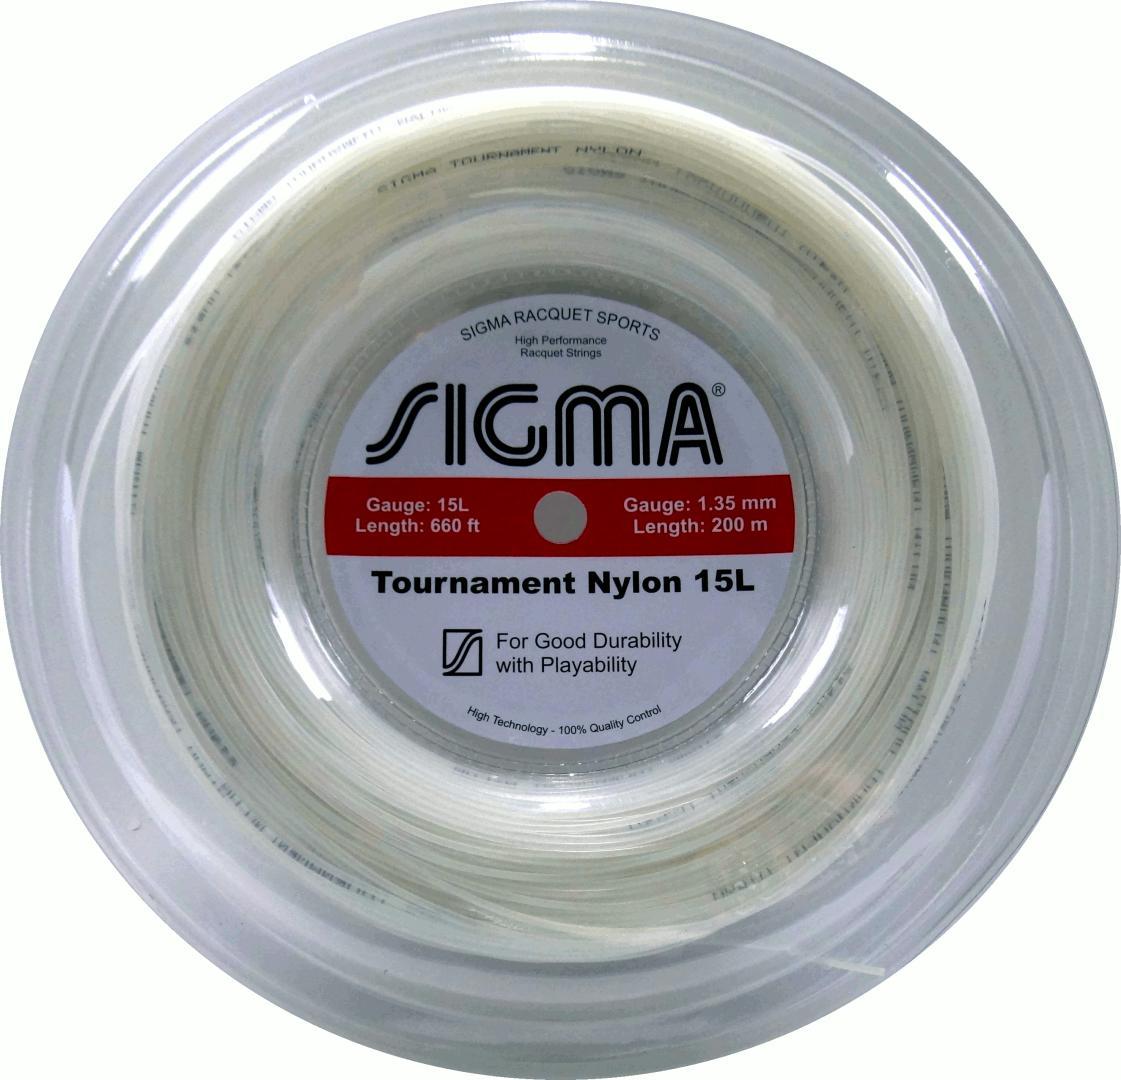 Corda Sigma Tournament Nylon 15L 1.35mm Rolo 200m Branca